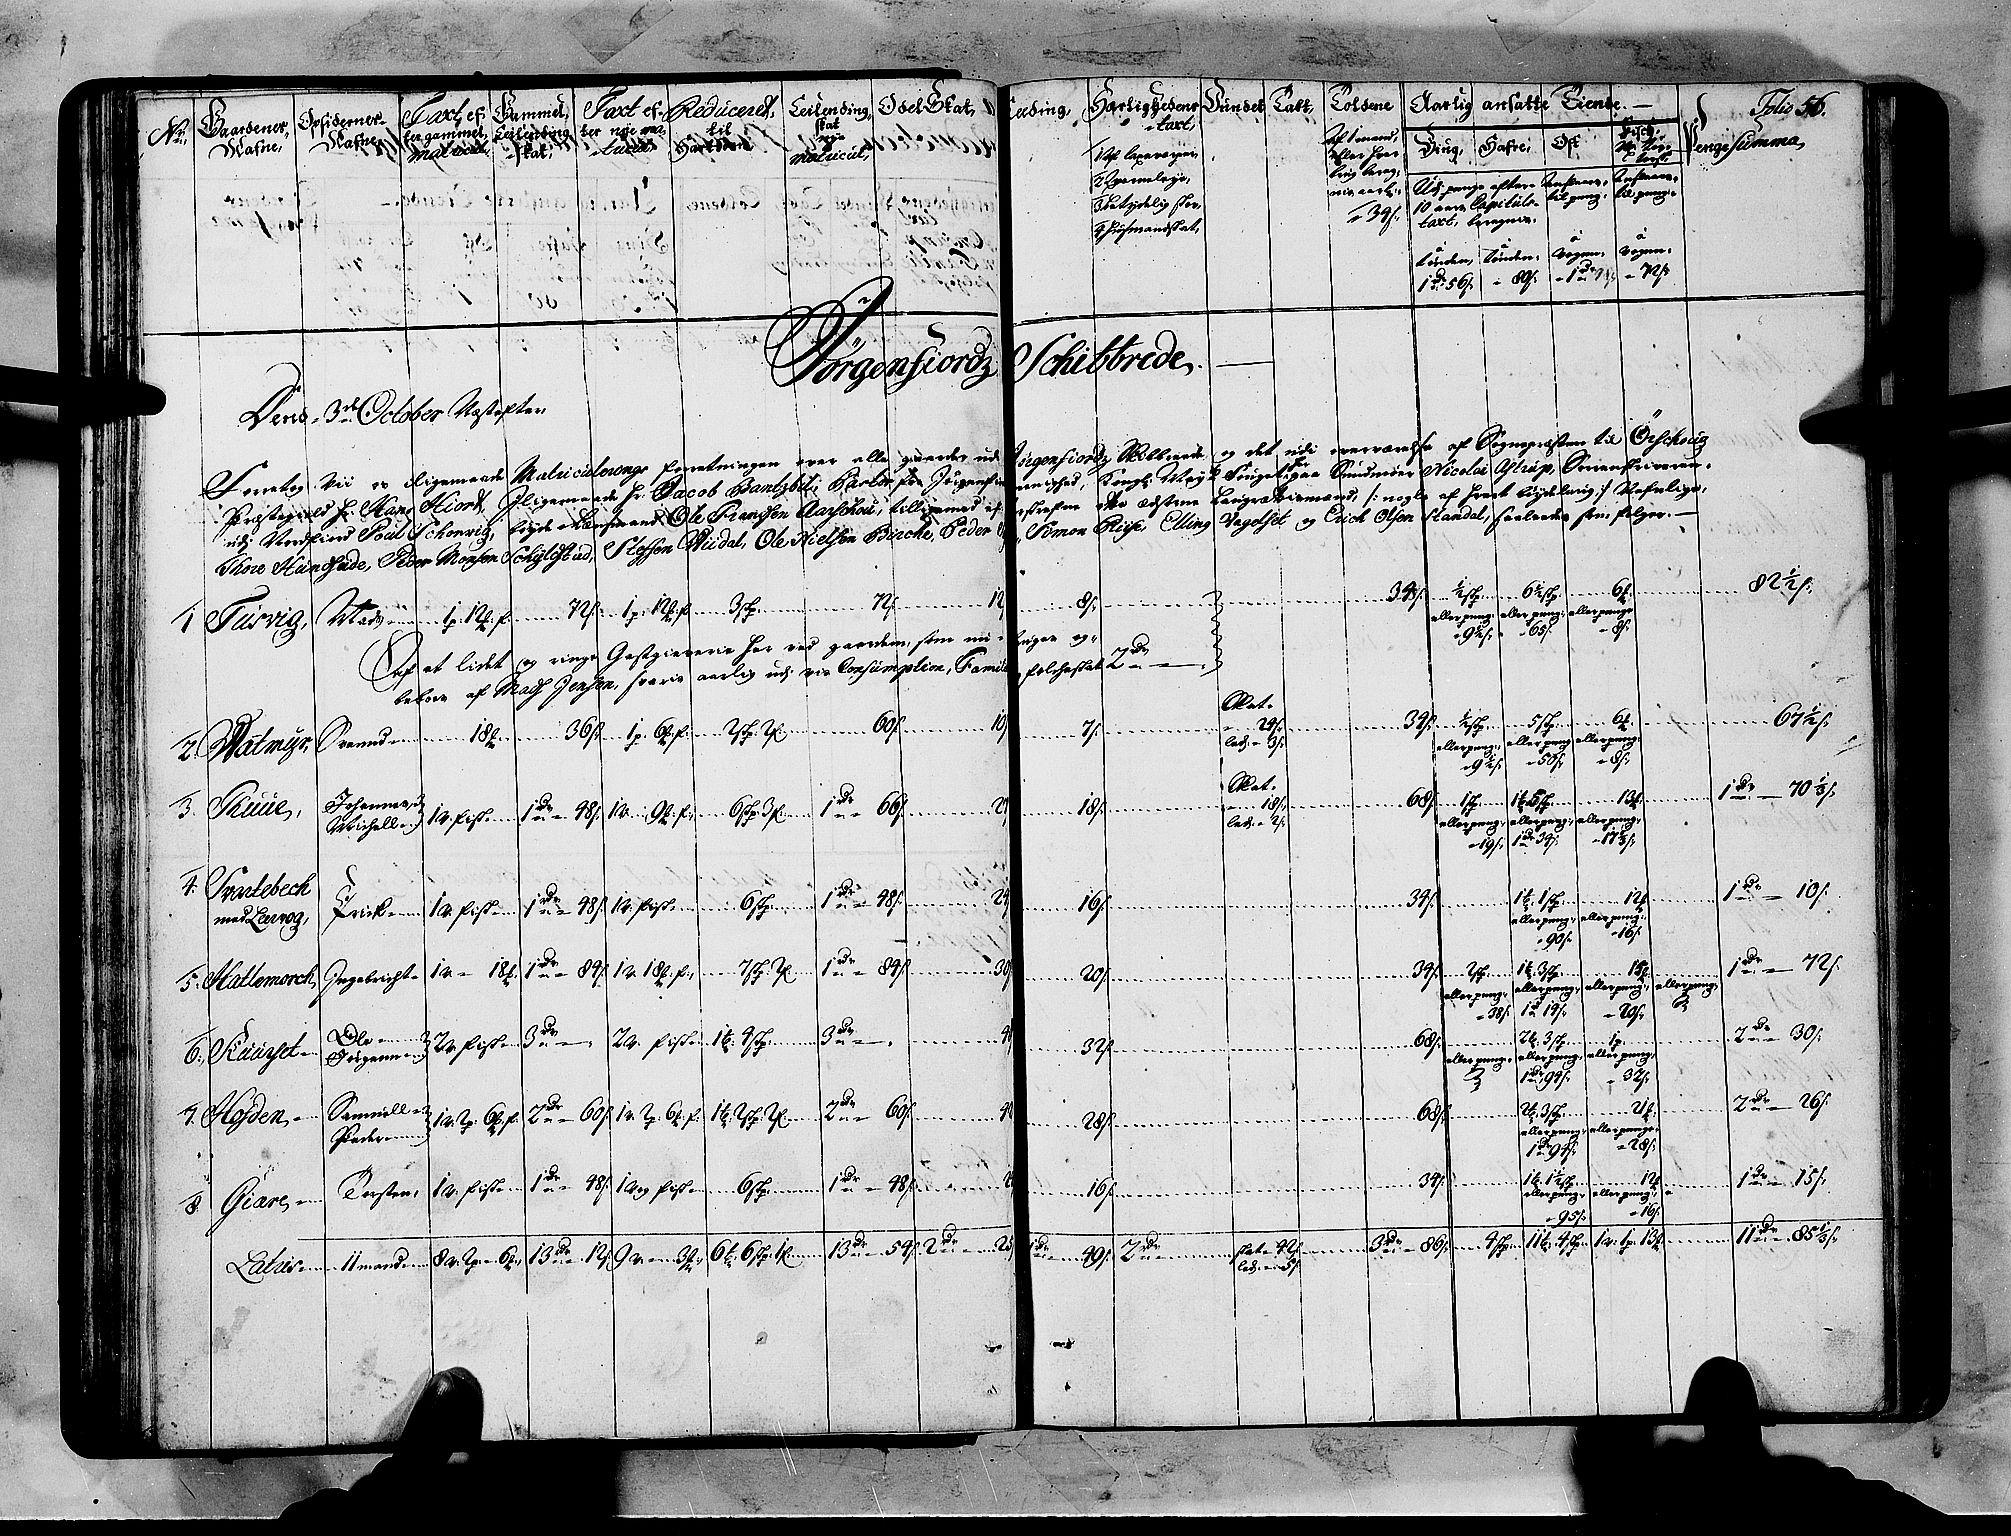 RA, Rentekammeret inntil 1814, Realistisk ordnet avdeling, N/Nb/Nbf/L0151: Sunnmøre matrikkelprotokoll, 1724, s. 55b-56a